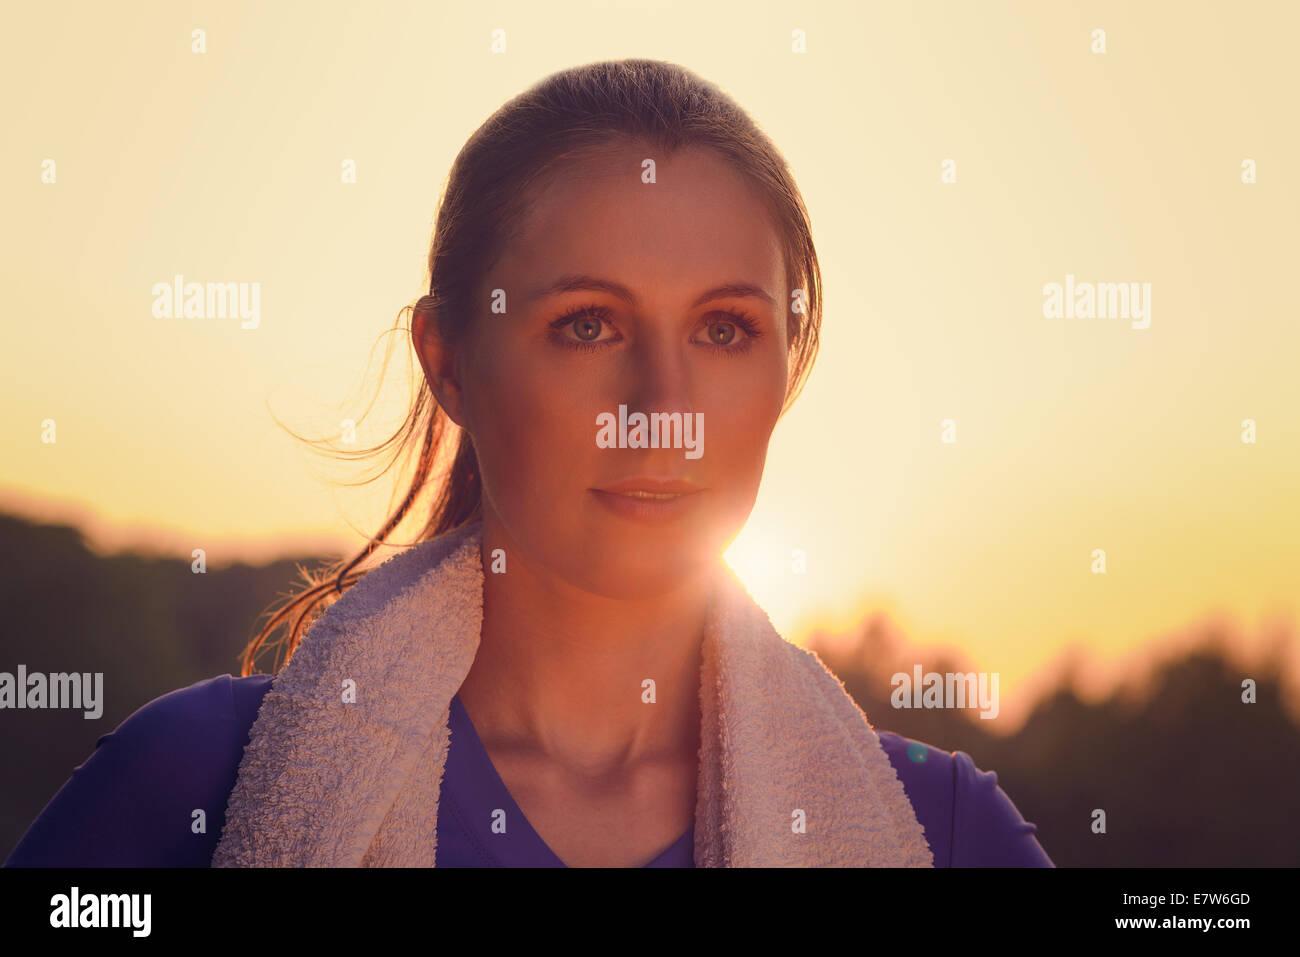 Jolie femme au coucher du soleil à l'extérieur par le rétro-éclairage orangé du soleil provoquant une poussée autour de son visage Banque D'Images